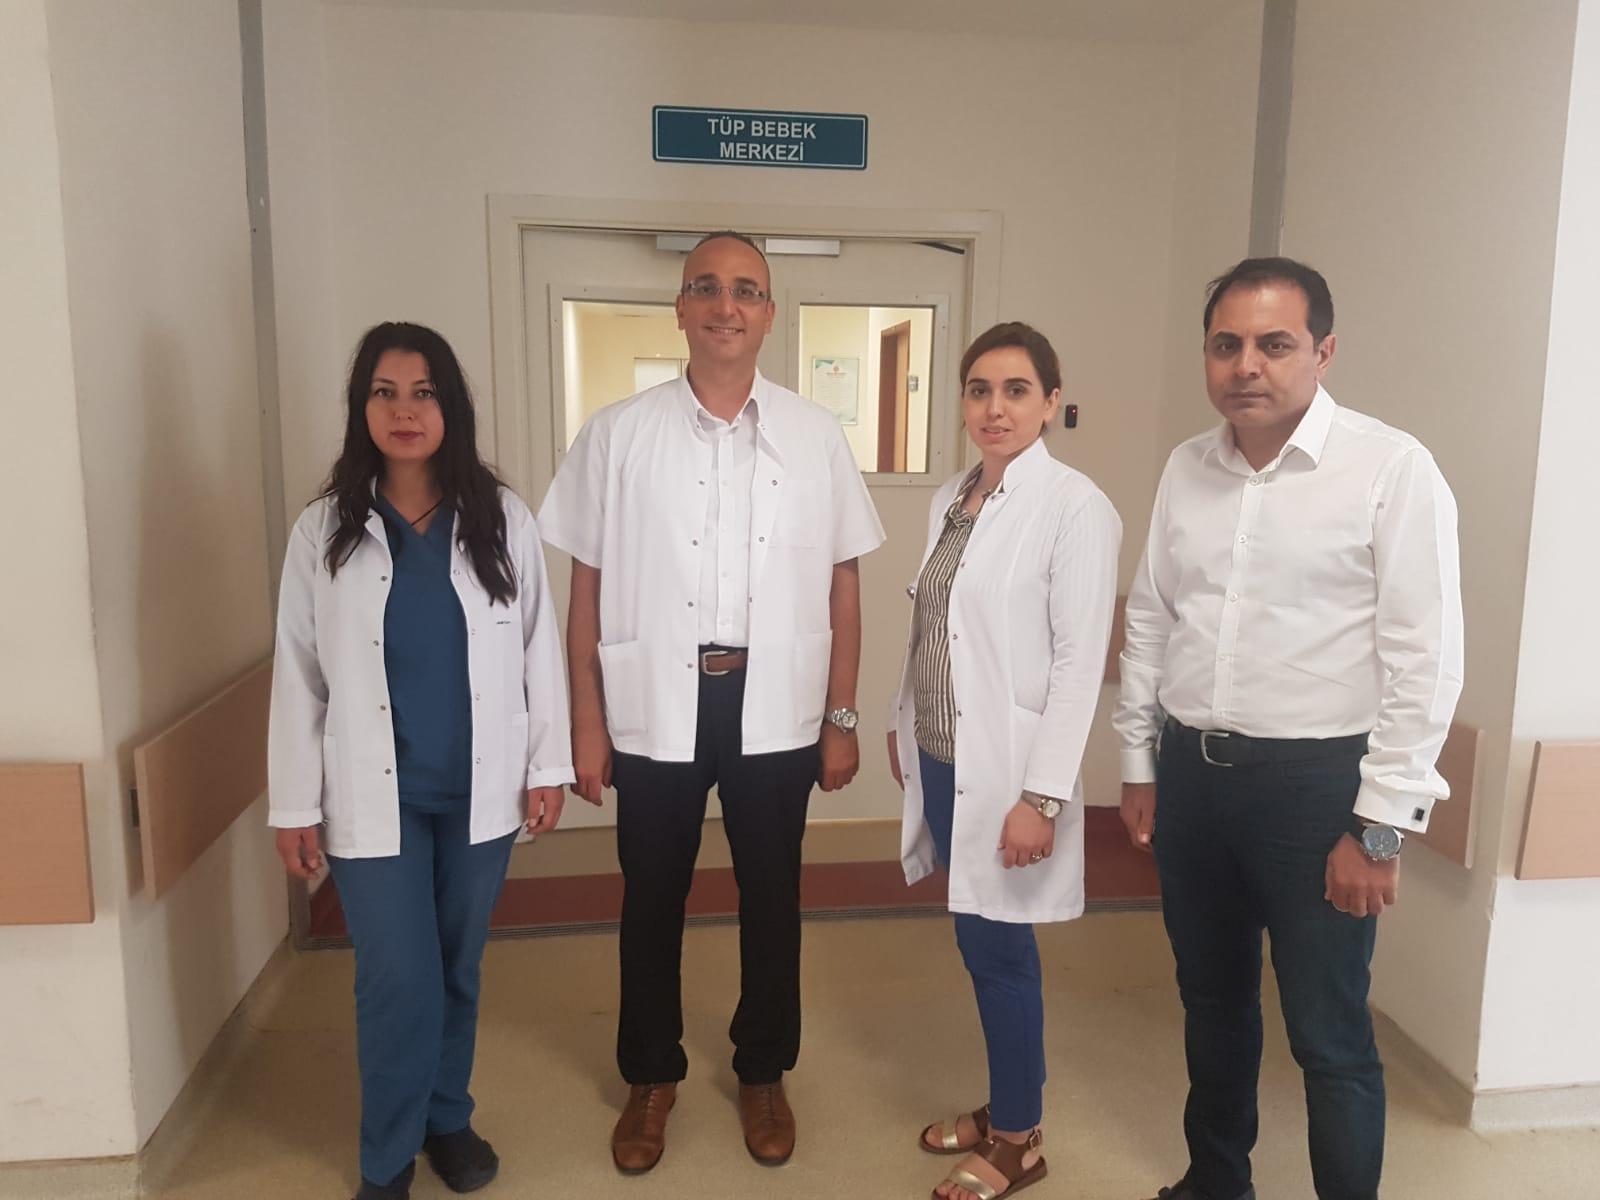 Harran Üniversitesi Araştırma ve Uygulama Hastanesi Tüp Bebek Merkezi